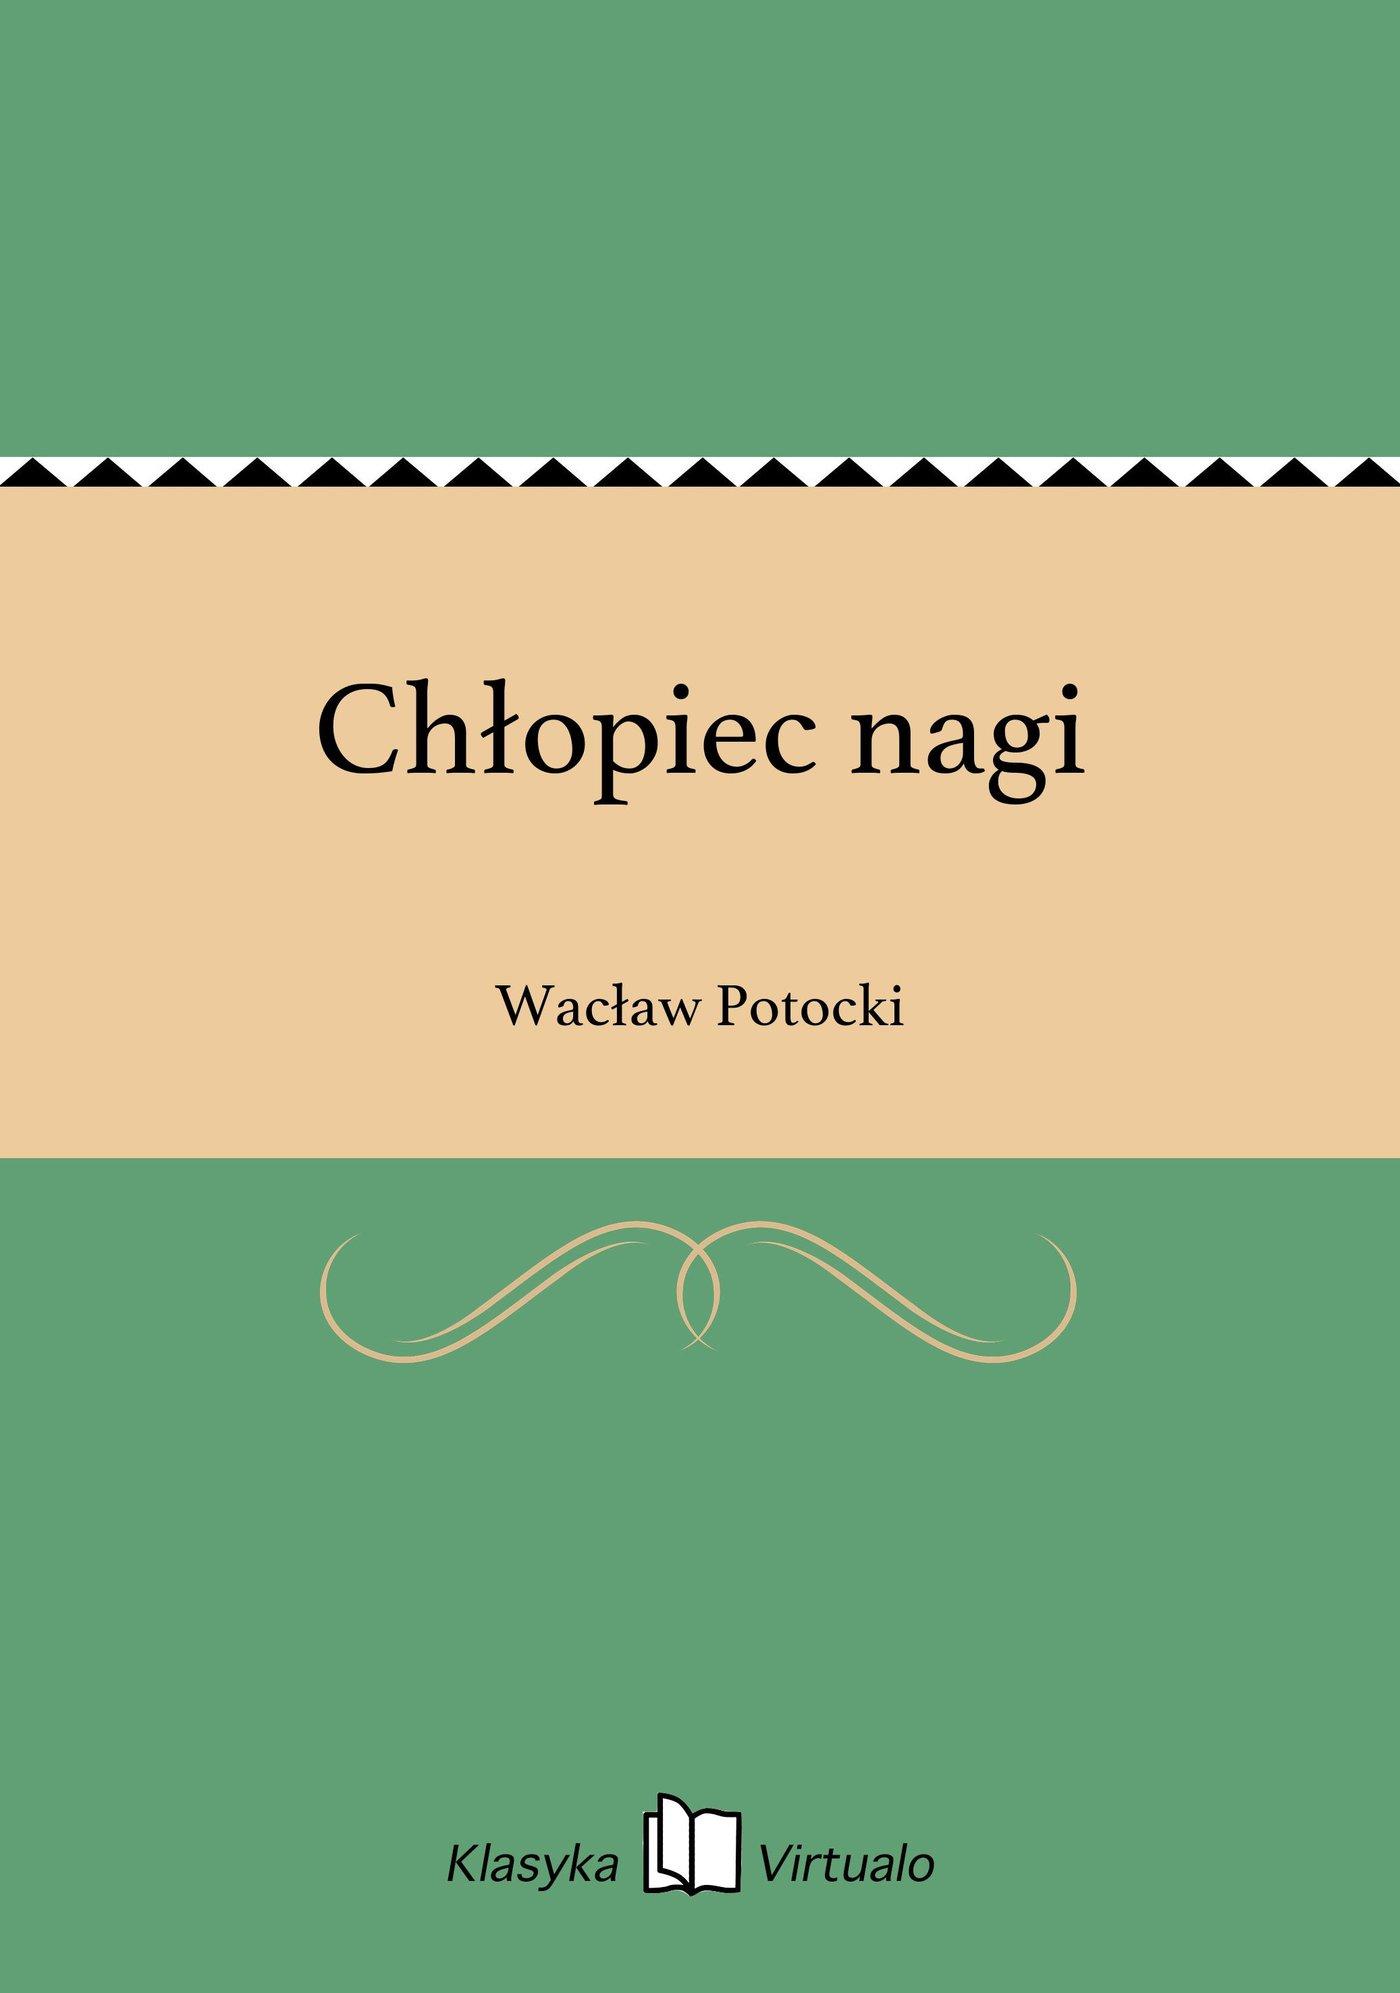 Chłopiec nagi - Ebook (Książka EPUB) do pobrania w formacie EPUB